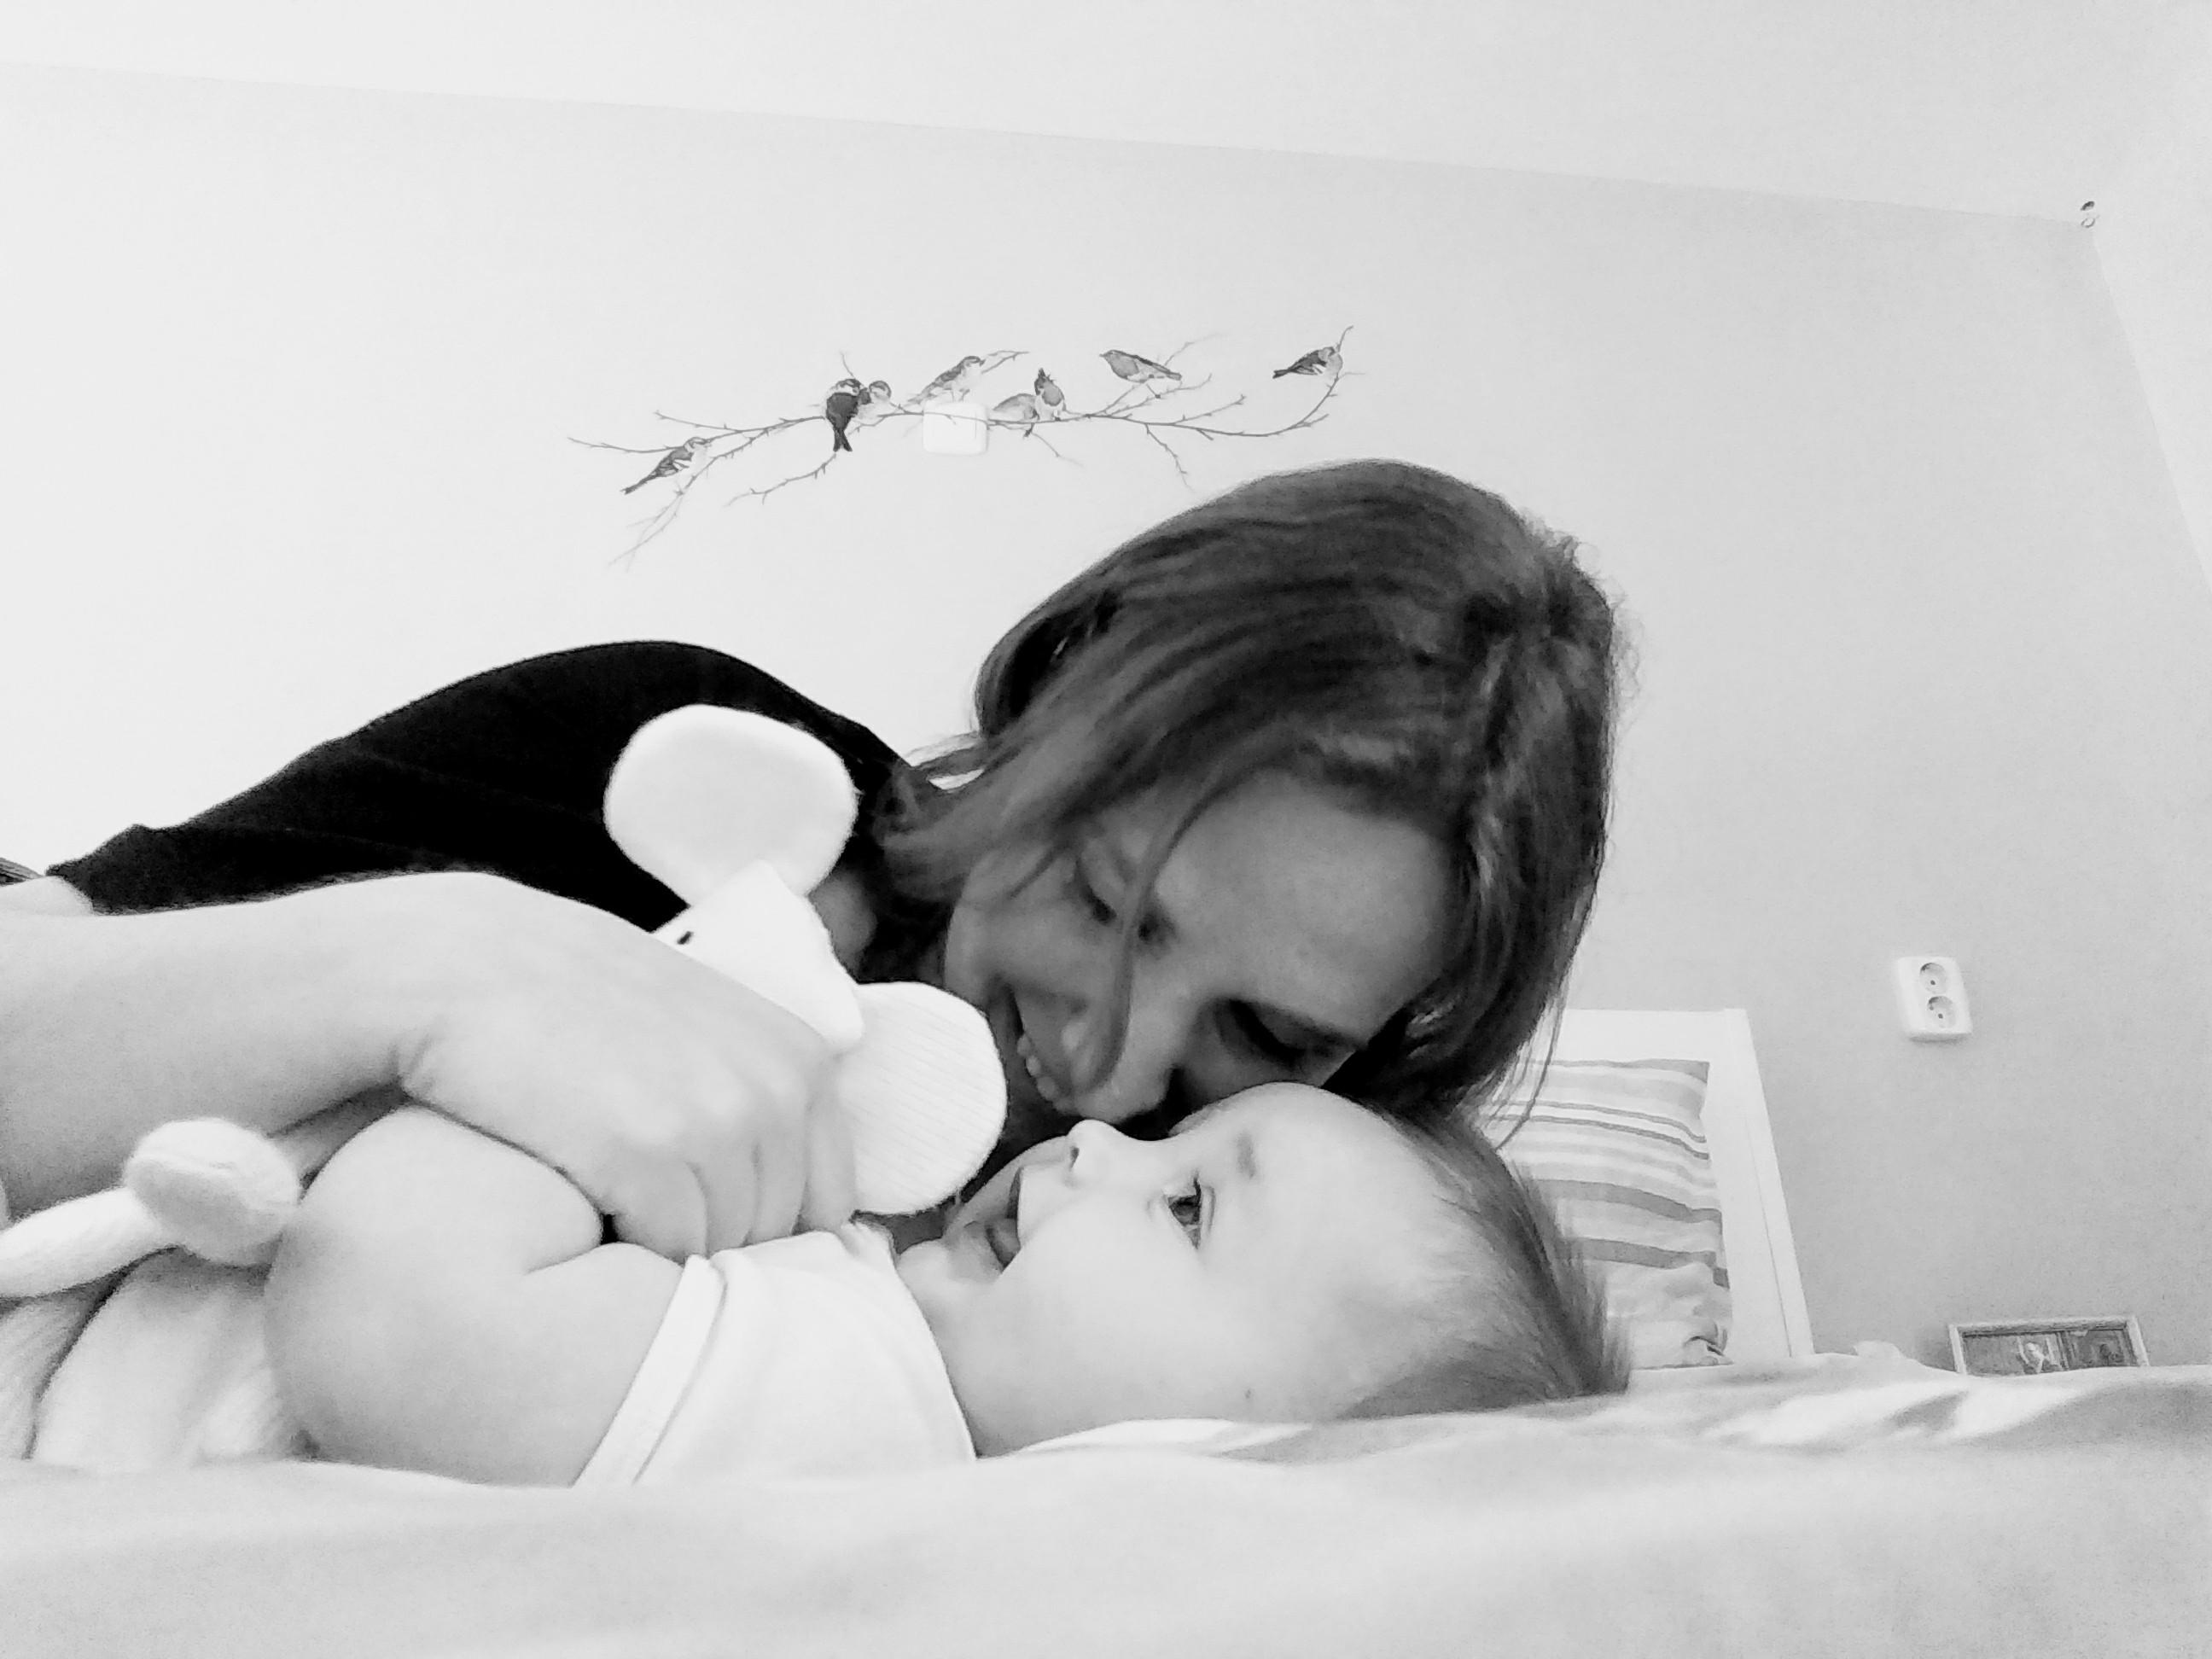 baby, peuter, kleuter, aandacht verdelen, moeder van drie, drie kinderen, gezin, moederschap, mamablog, blog, lalog, lalog.nl, lalogblog